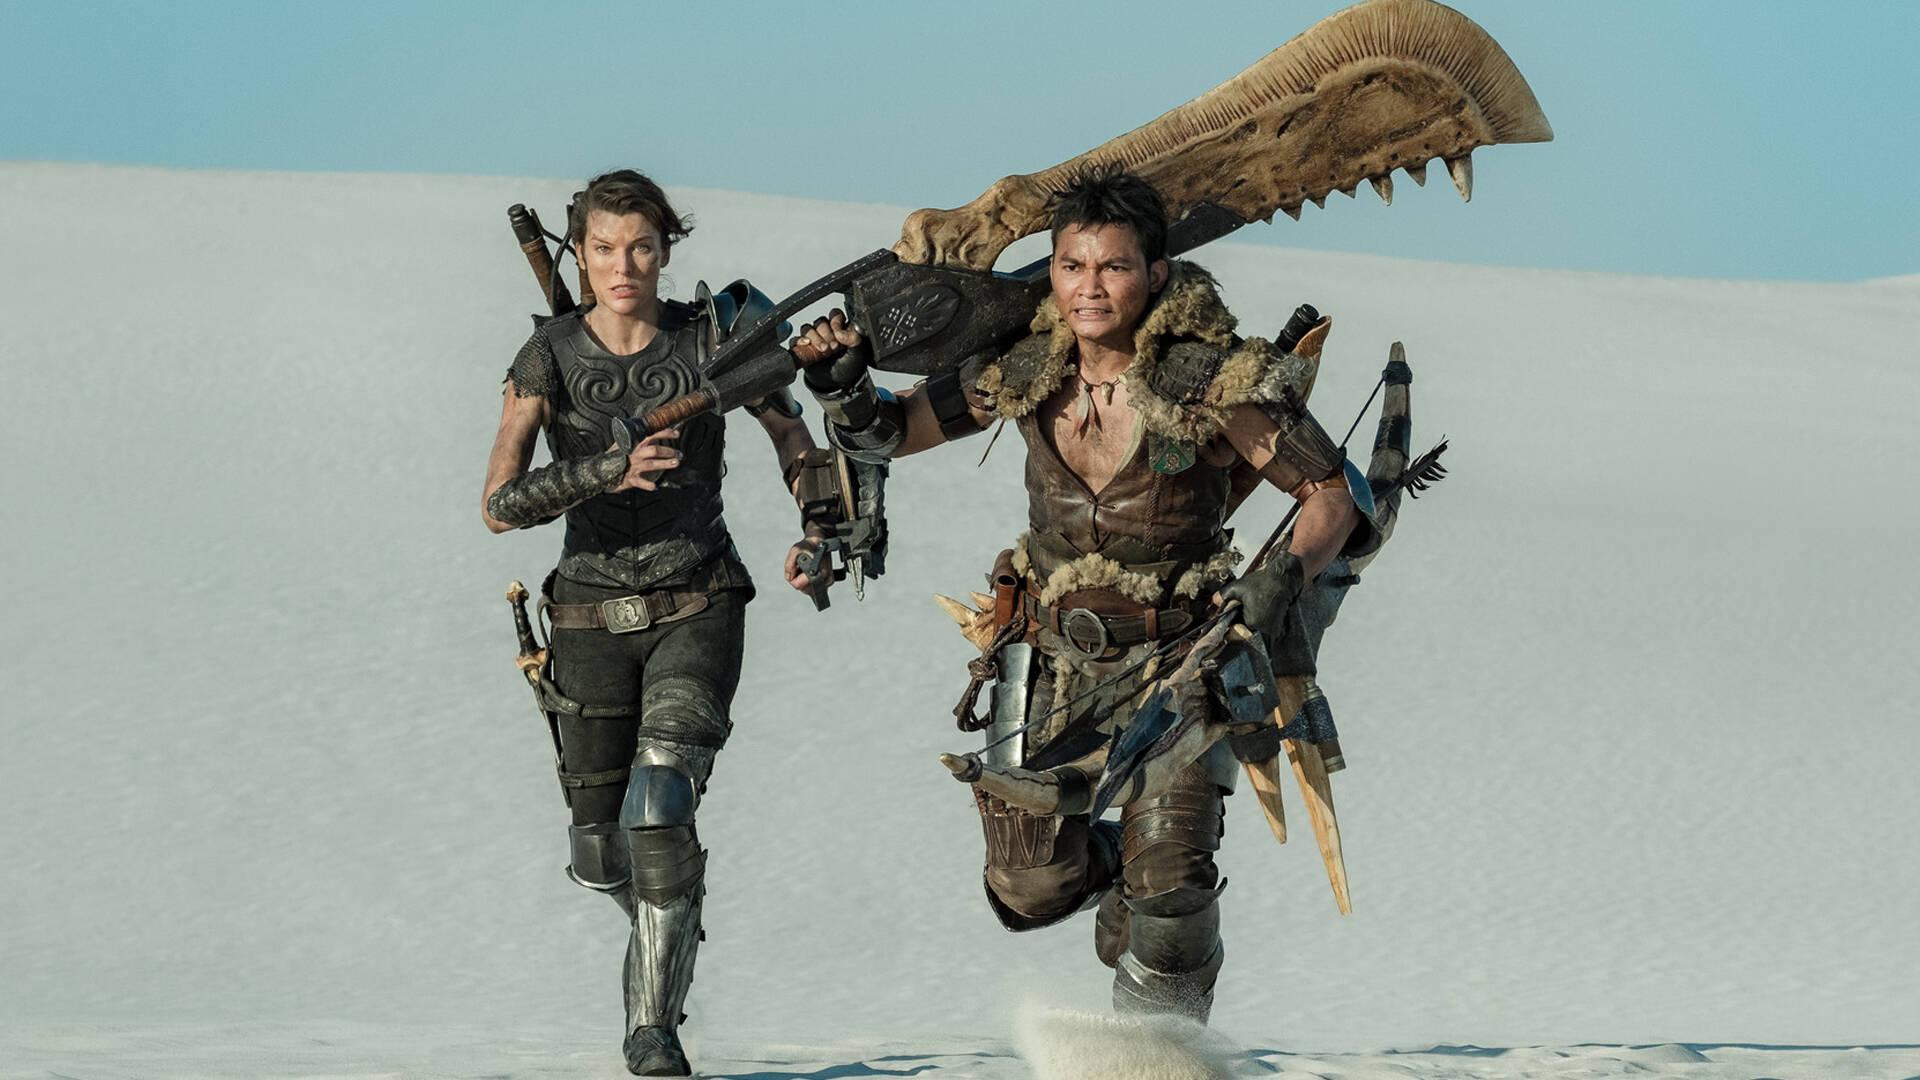 Monster Hunter la recensione del film con Milla Jovovich